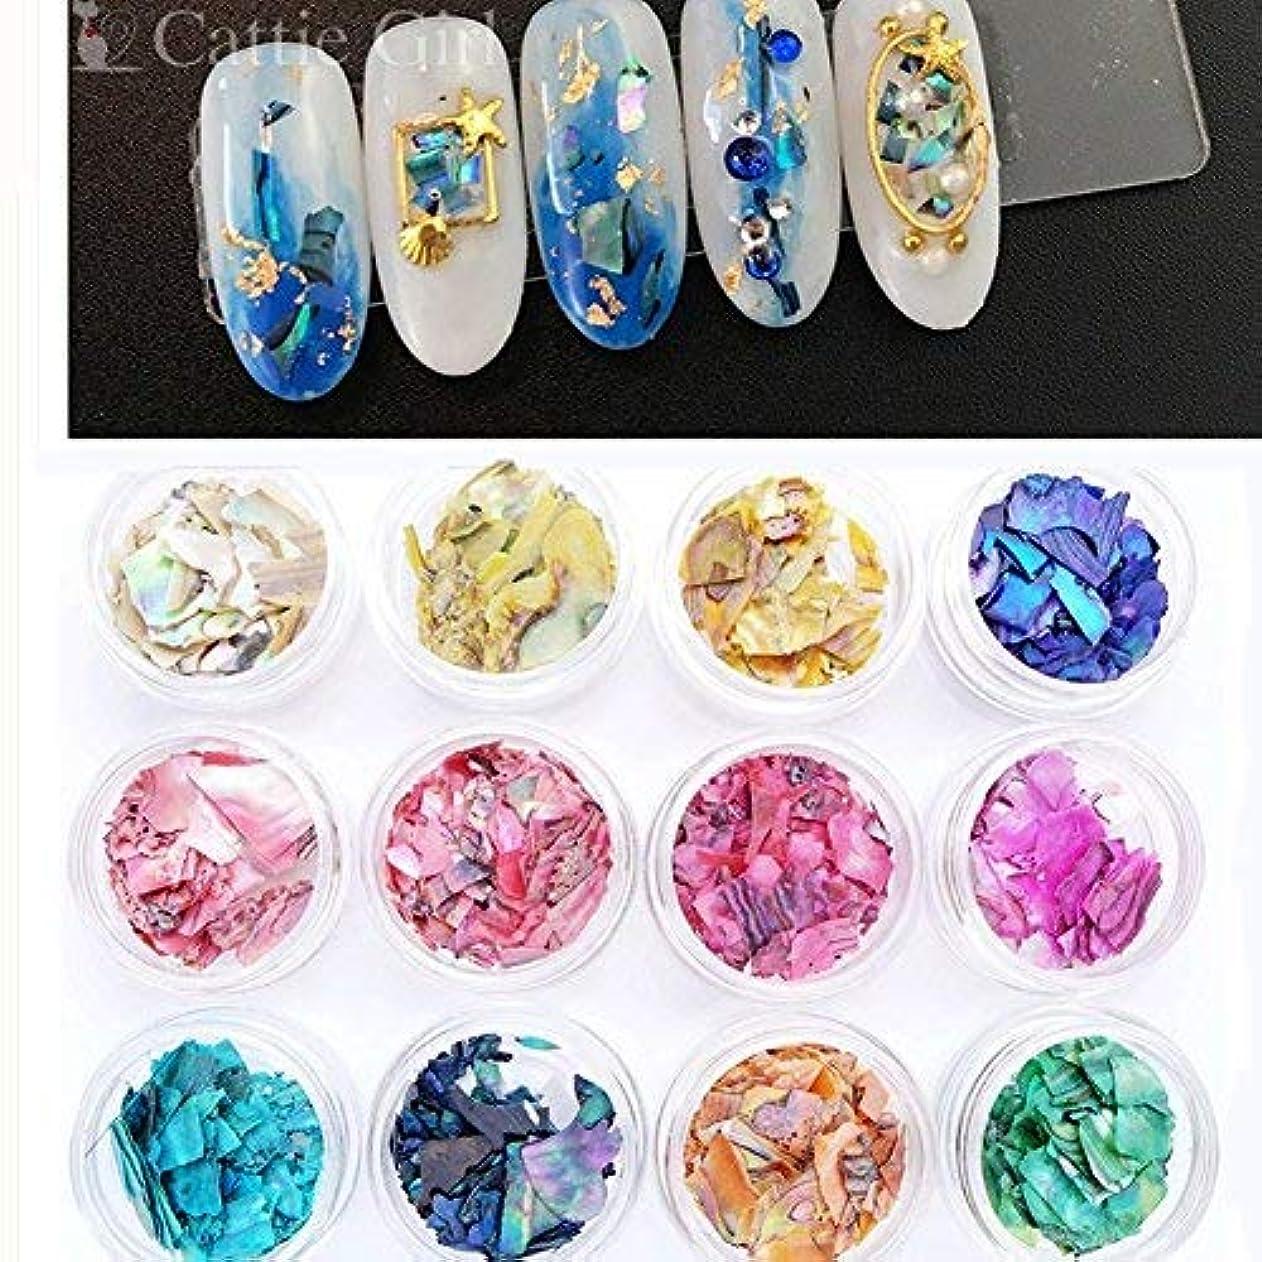 捨てるボルトCattie Girl 12ボックス  ナチュラル アワビ ネイルシェル 天然風 貝殻 夏ネイルアート  ネイル ラメ ホログラム  ホロ ネイルセット ネイルキット 12色